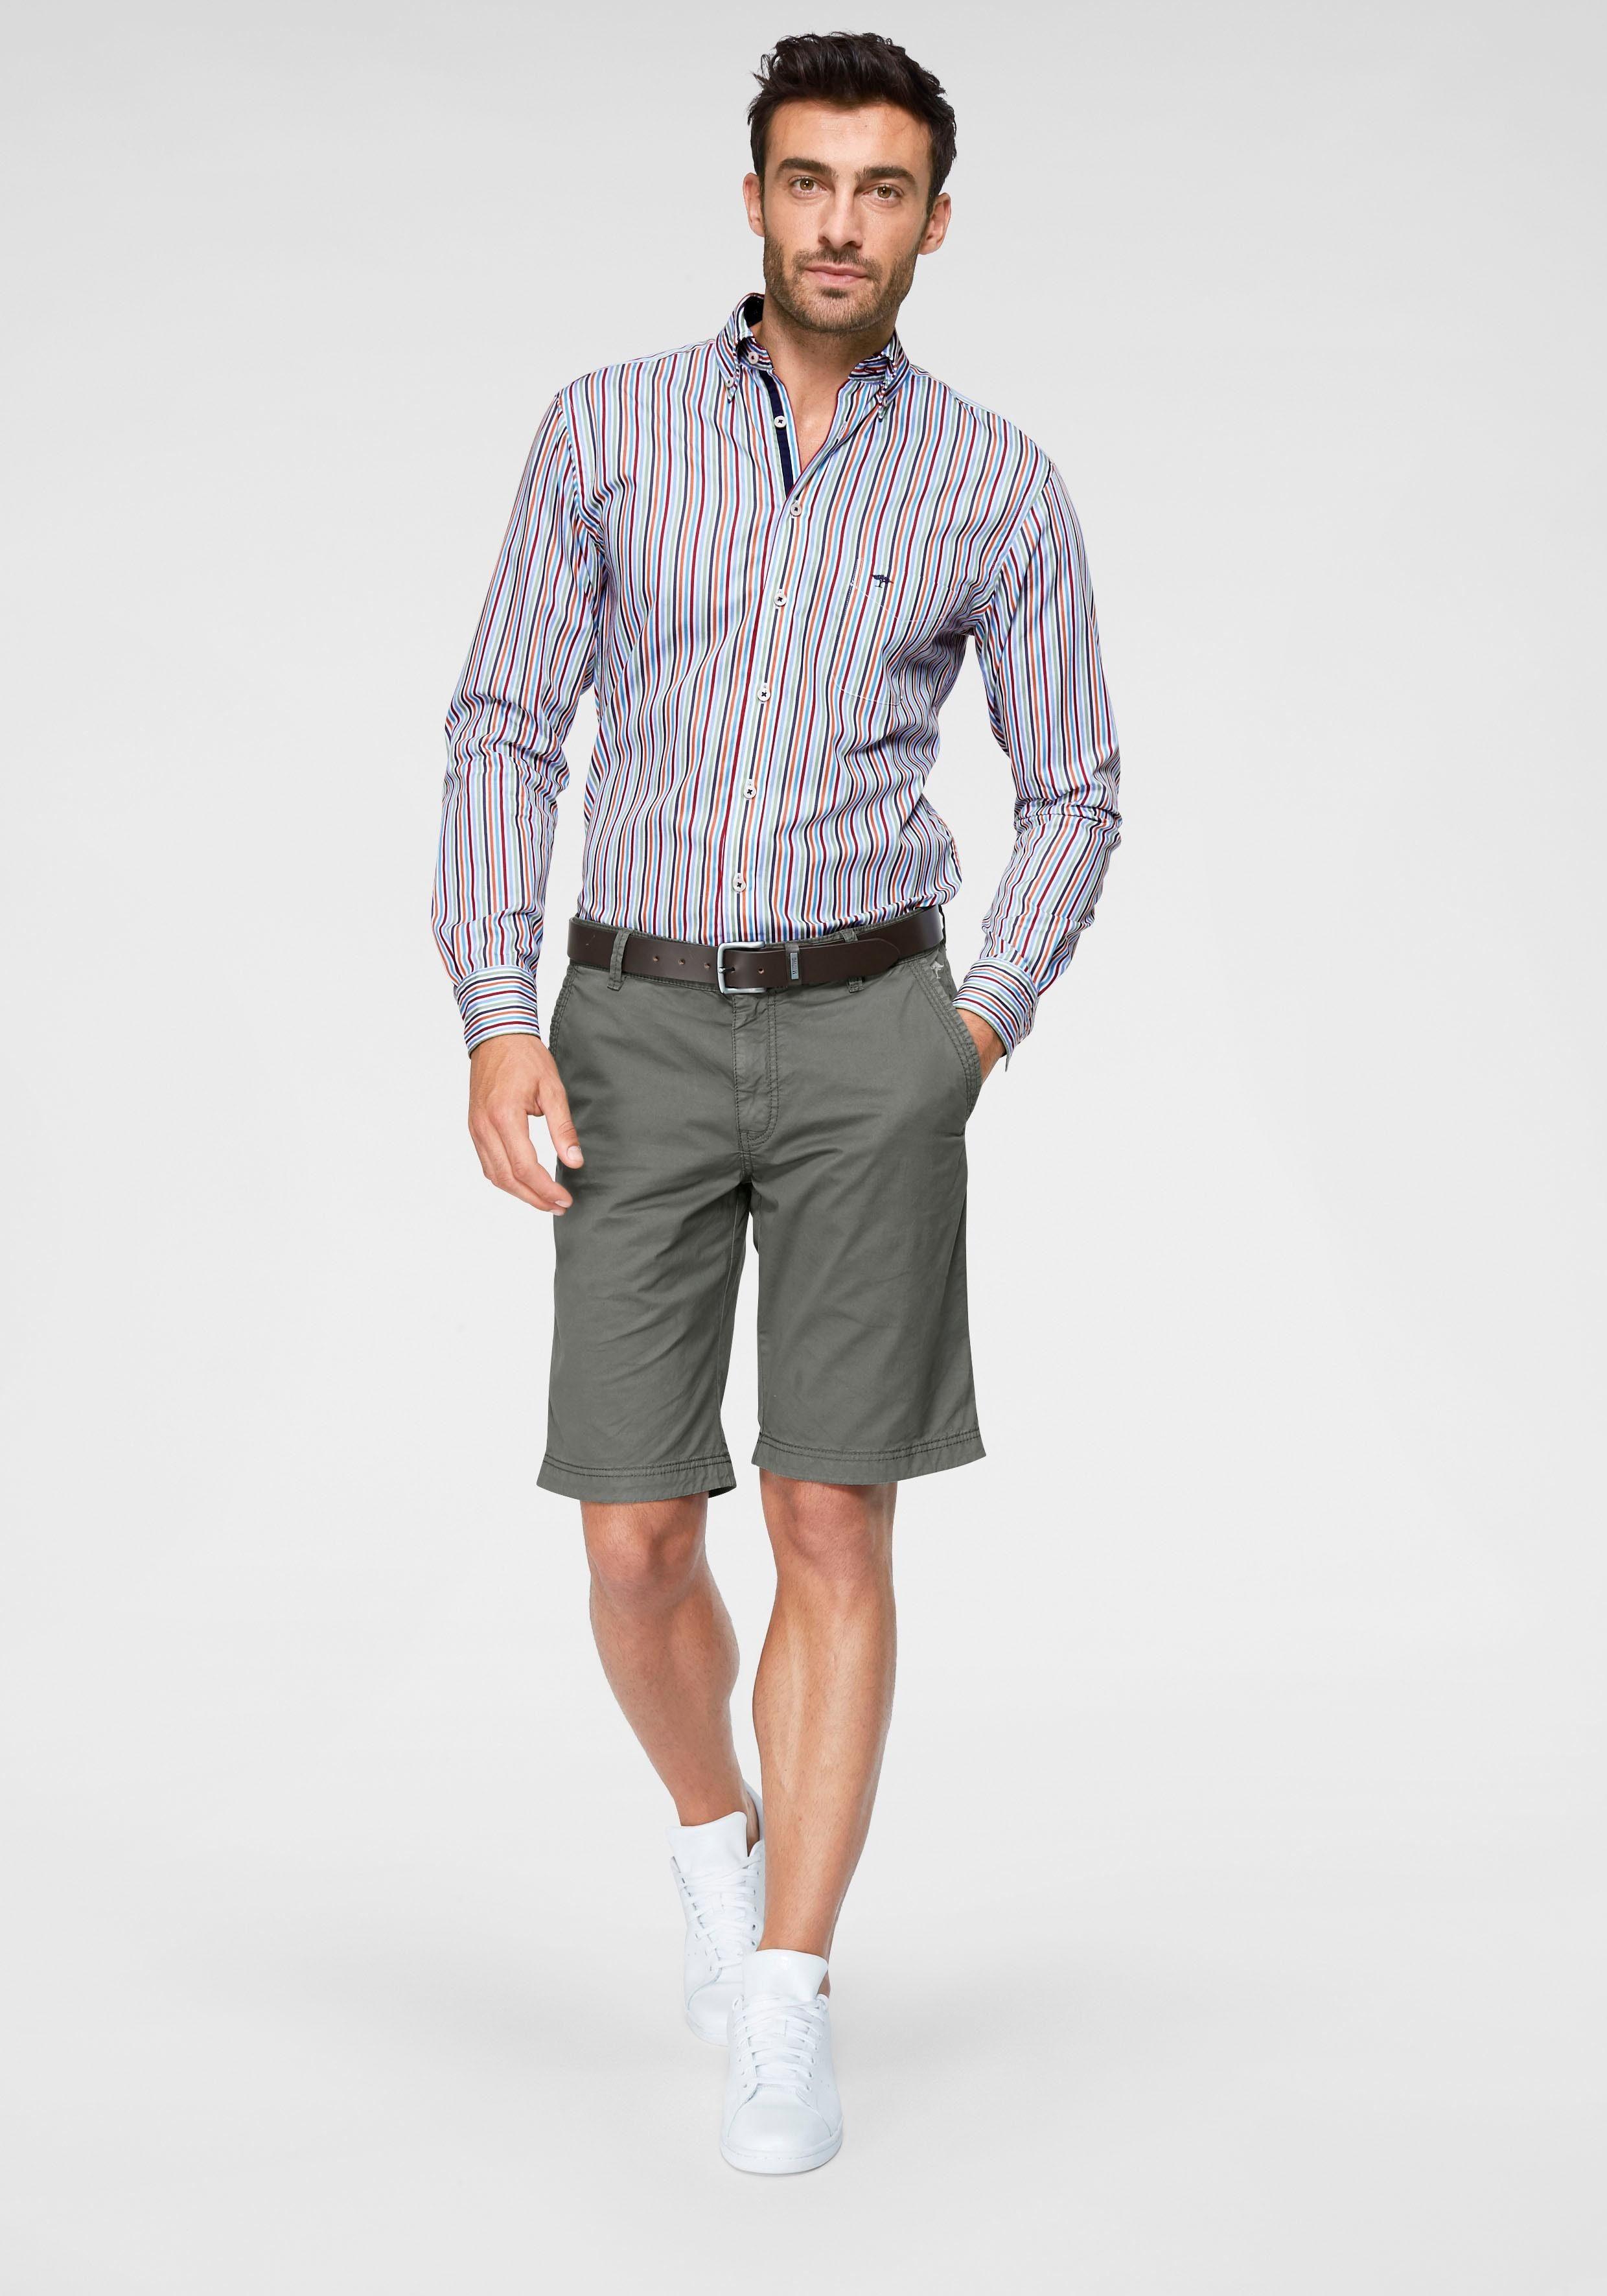 FYNCH-HATTON Langarmhemd mit Streifen, Modisches Streifen-Design online kaufen GRolnX